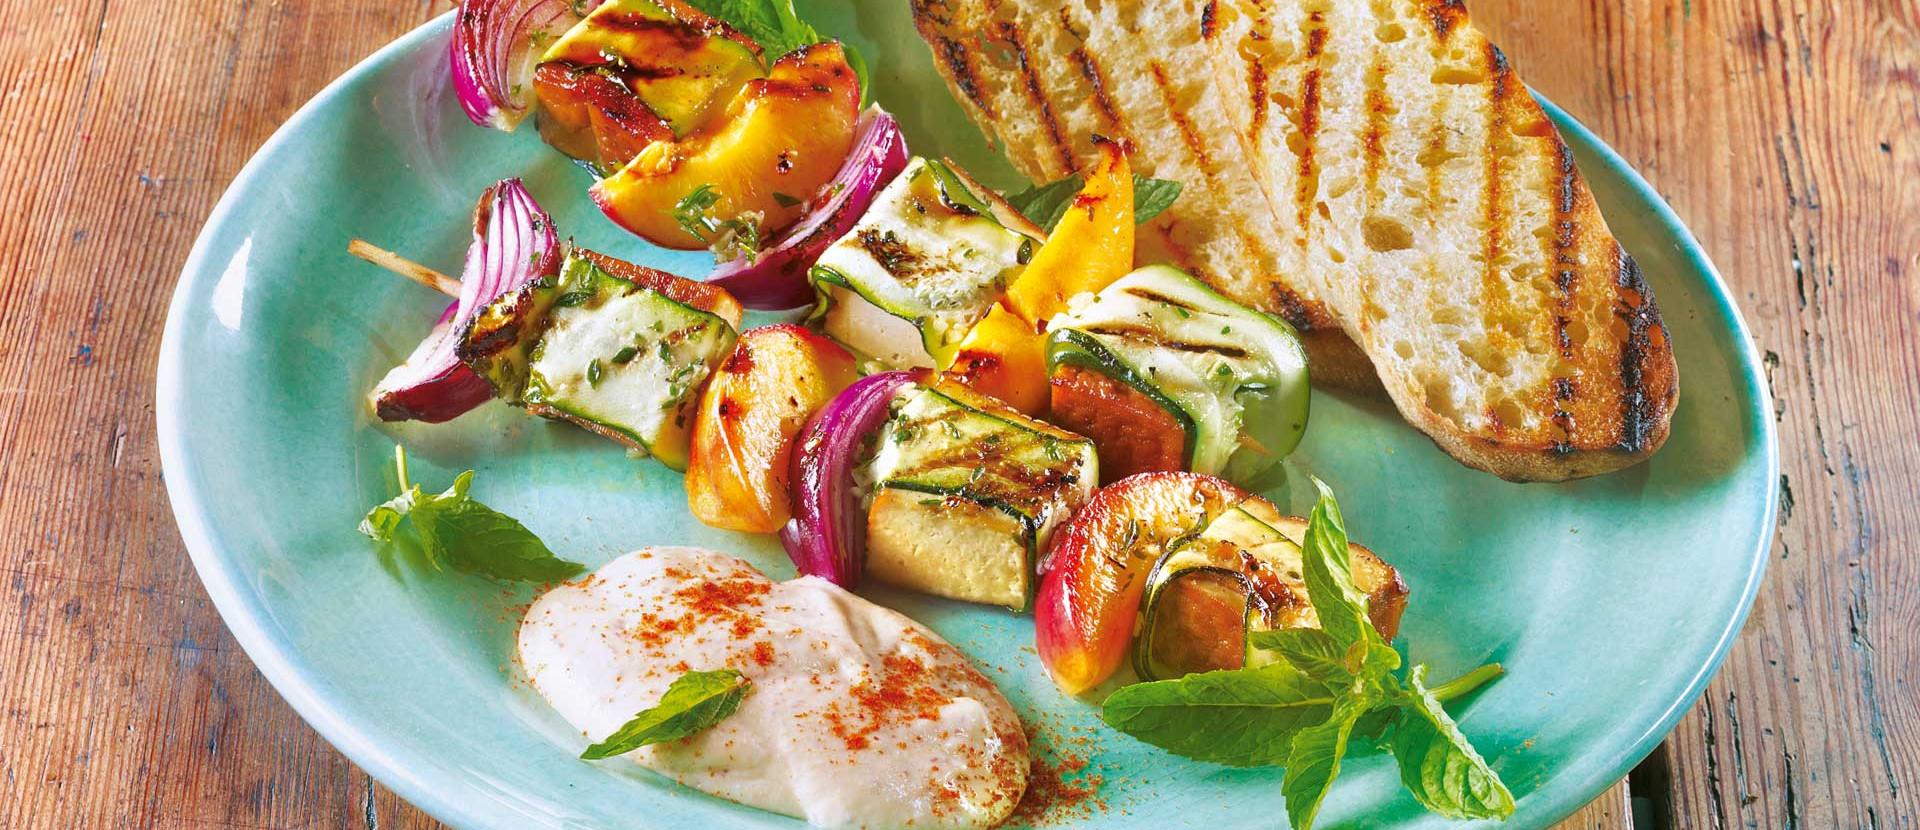 Pfirsich-Gemüse-Tofu-Spieße